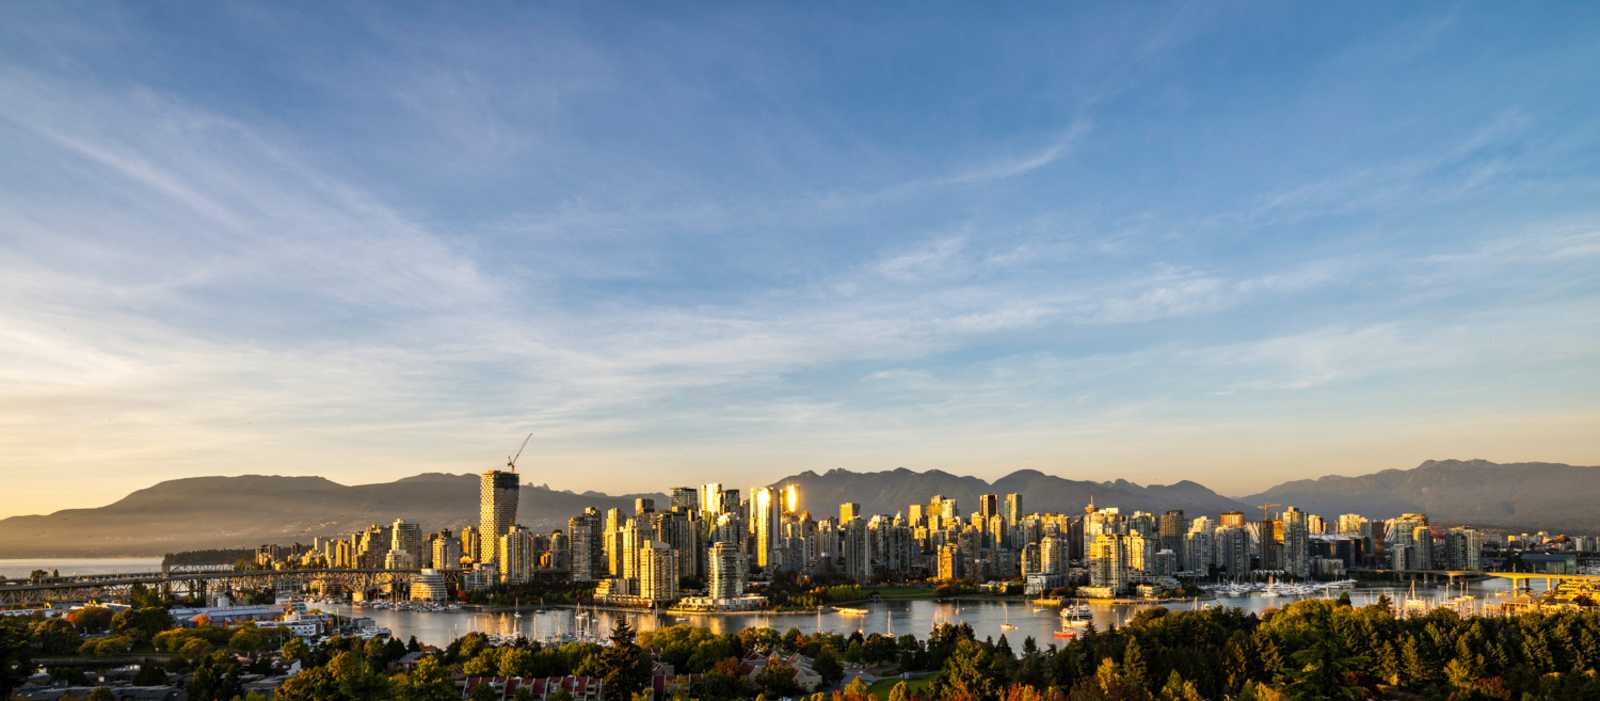 Die Skyline von Vancouver im Sonnenuntergang